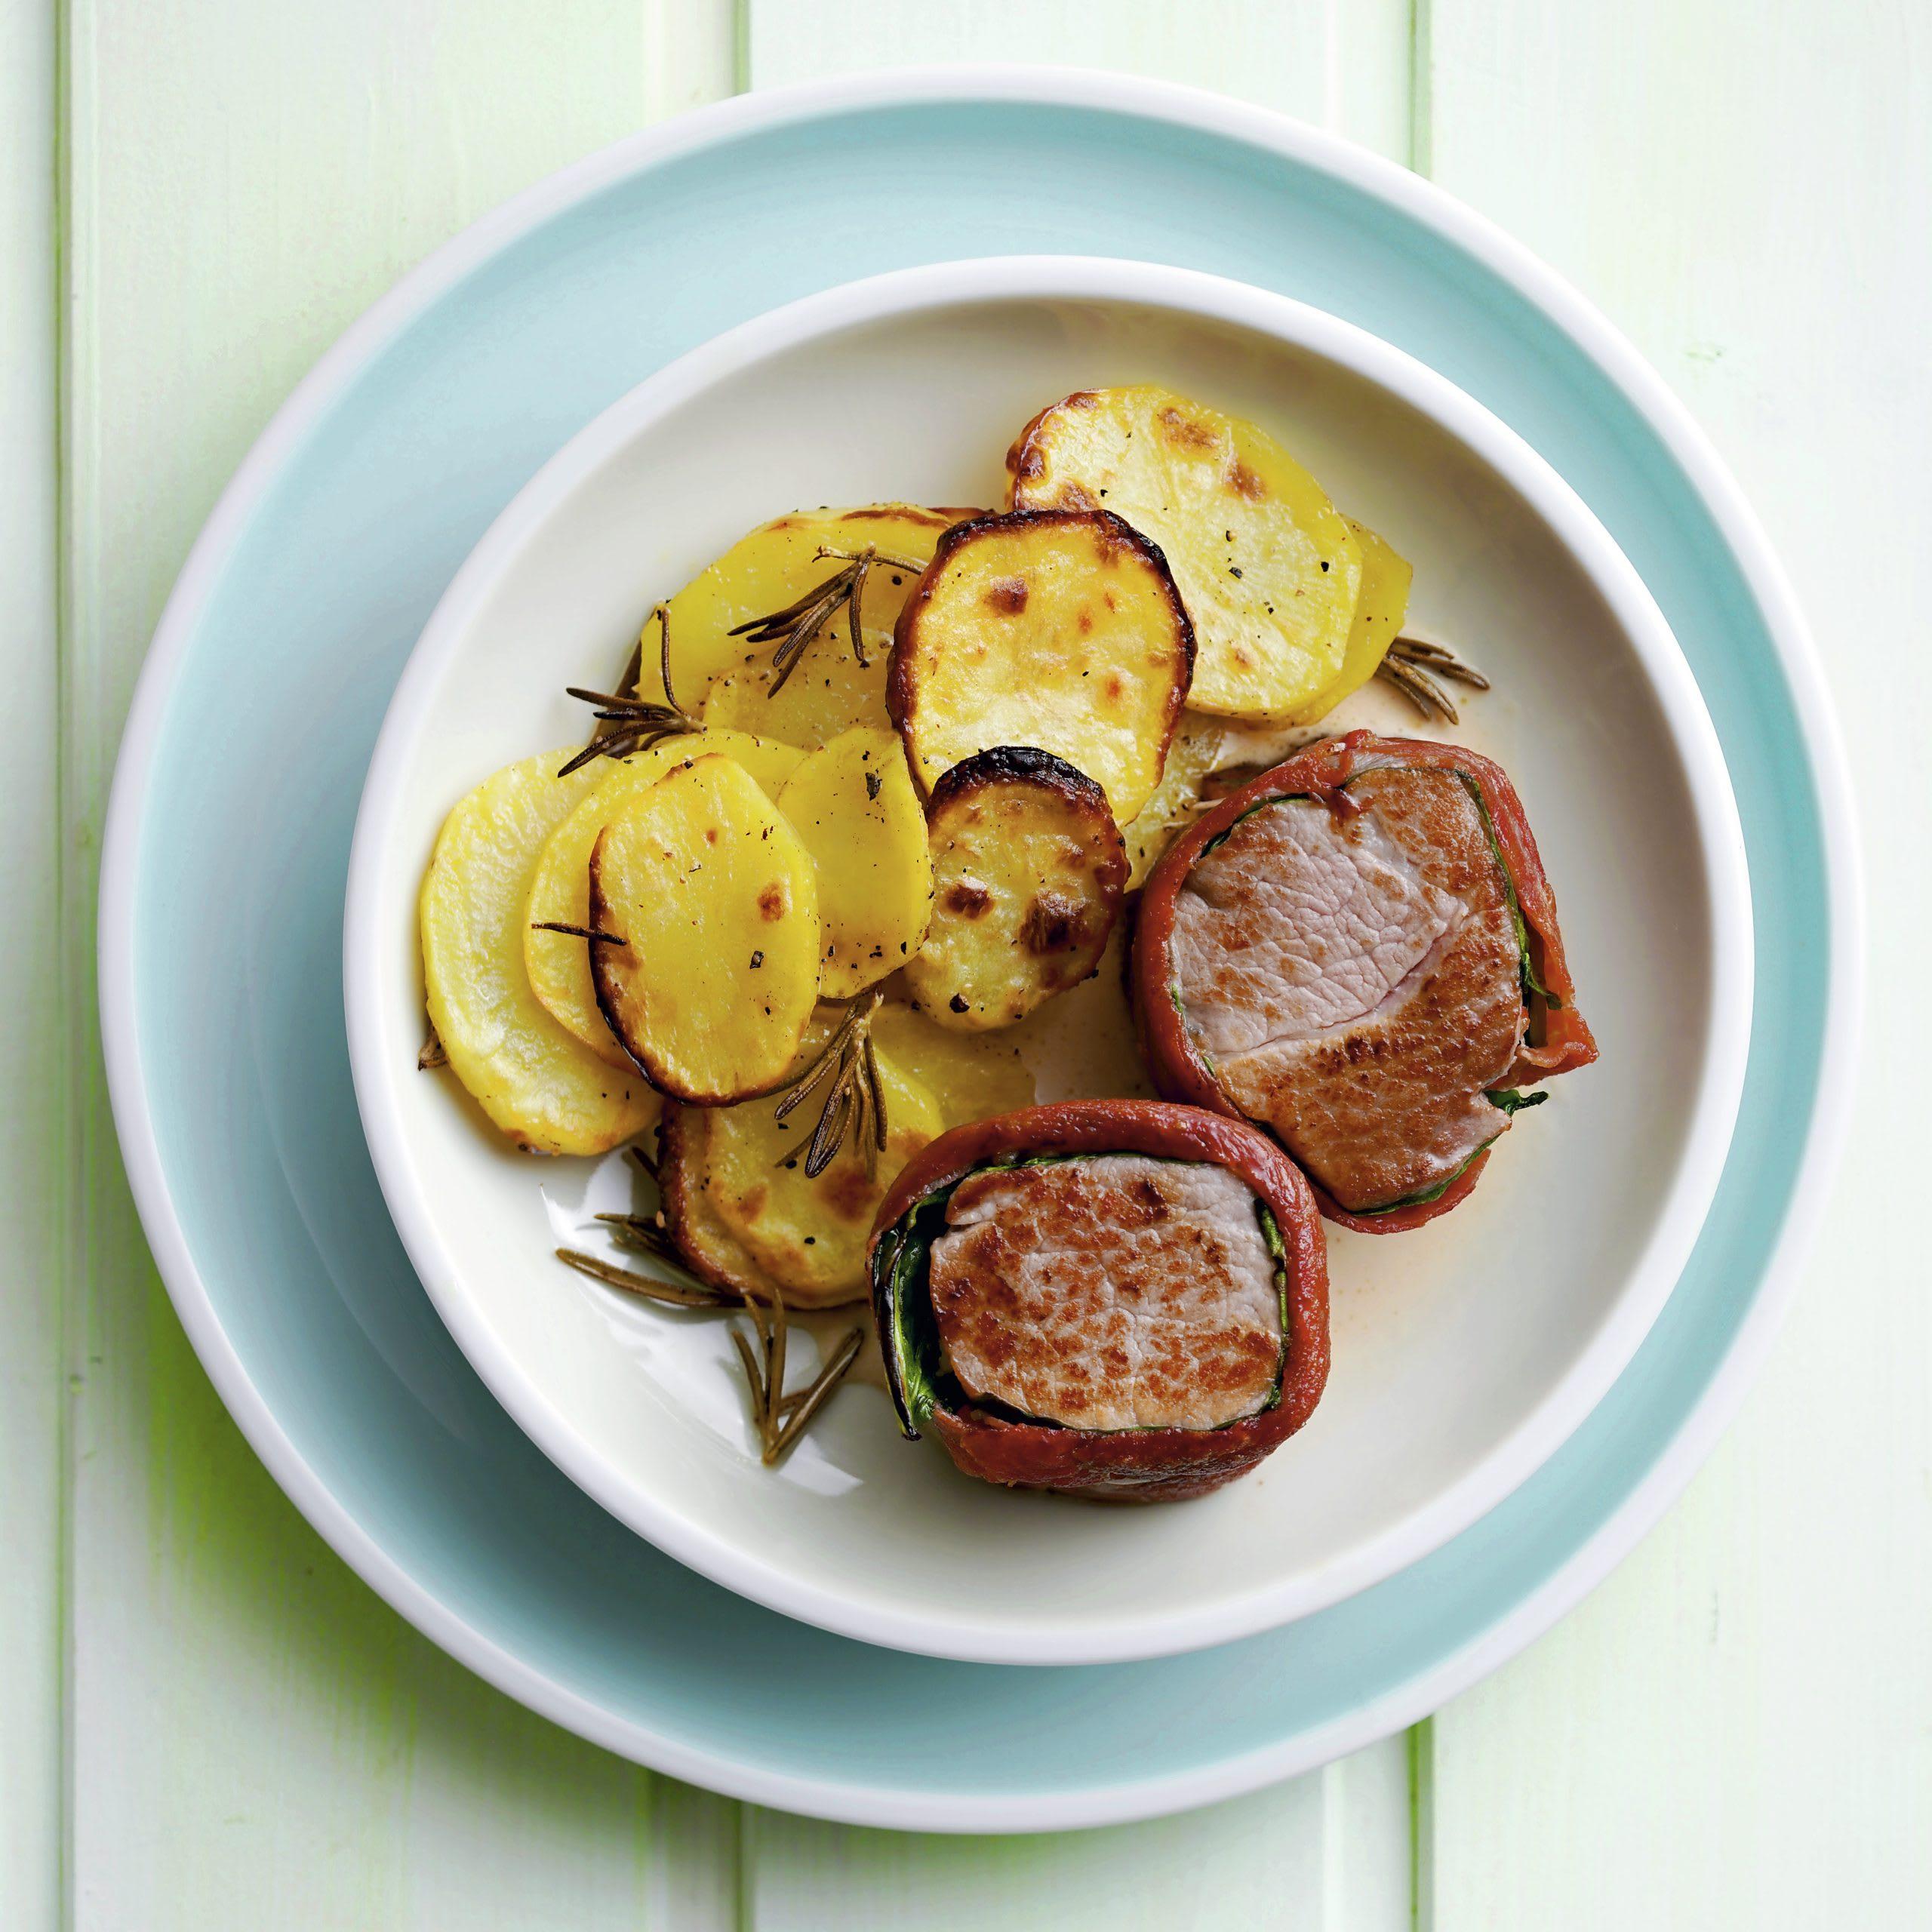 Krautstiel-Schinken-Medaillons mit Kartoffeln aus dem Ofen